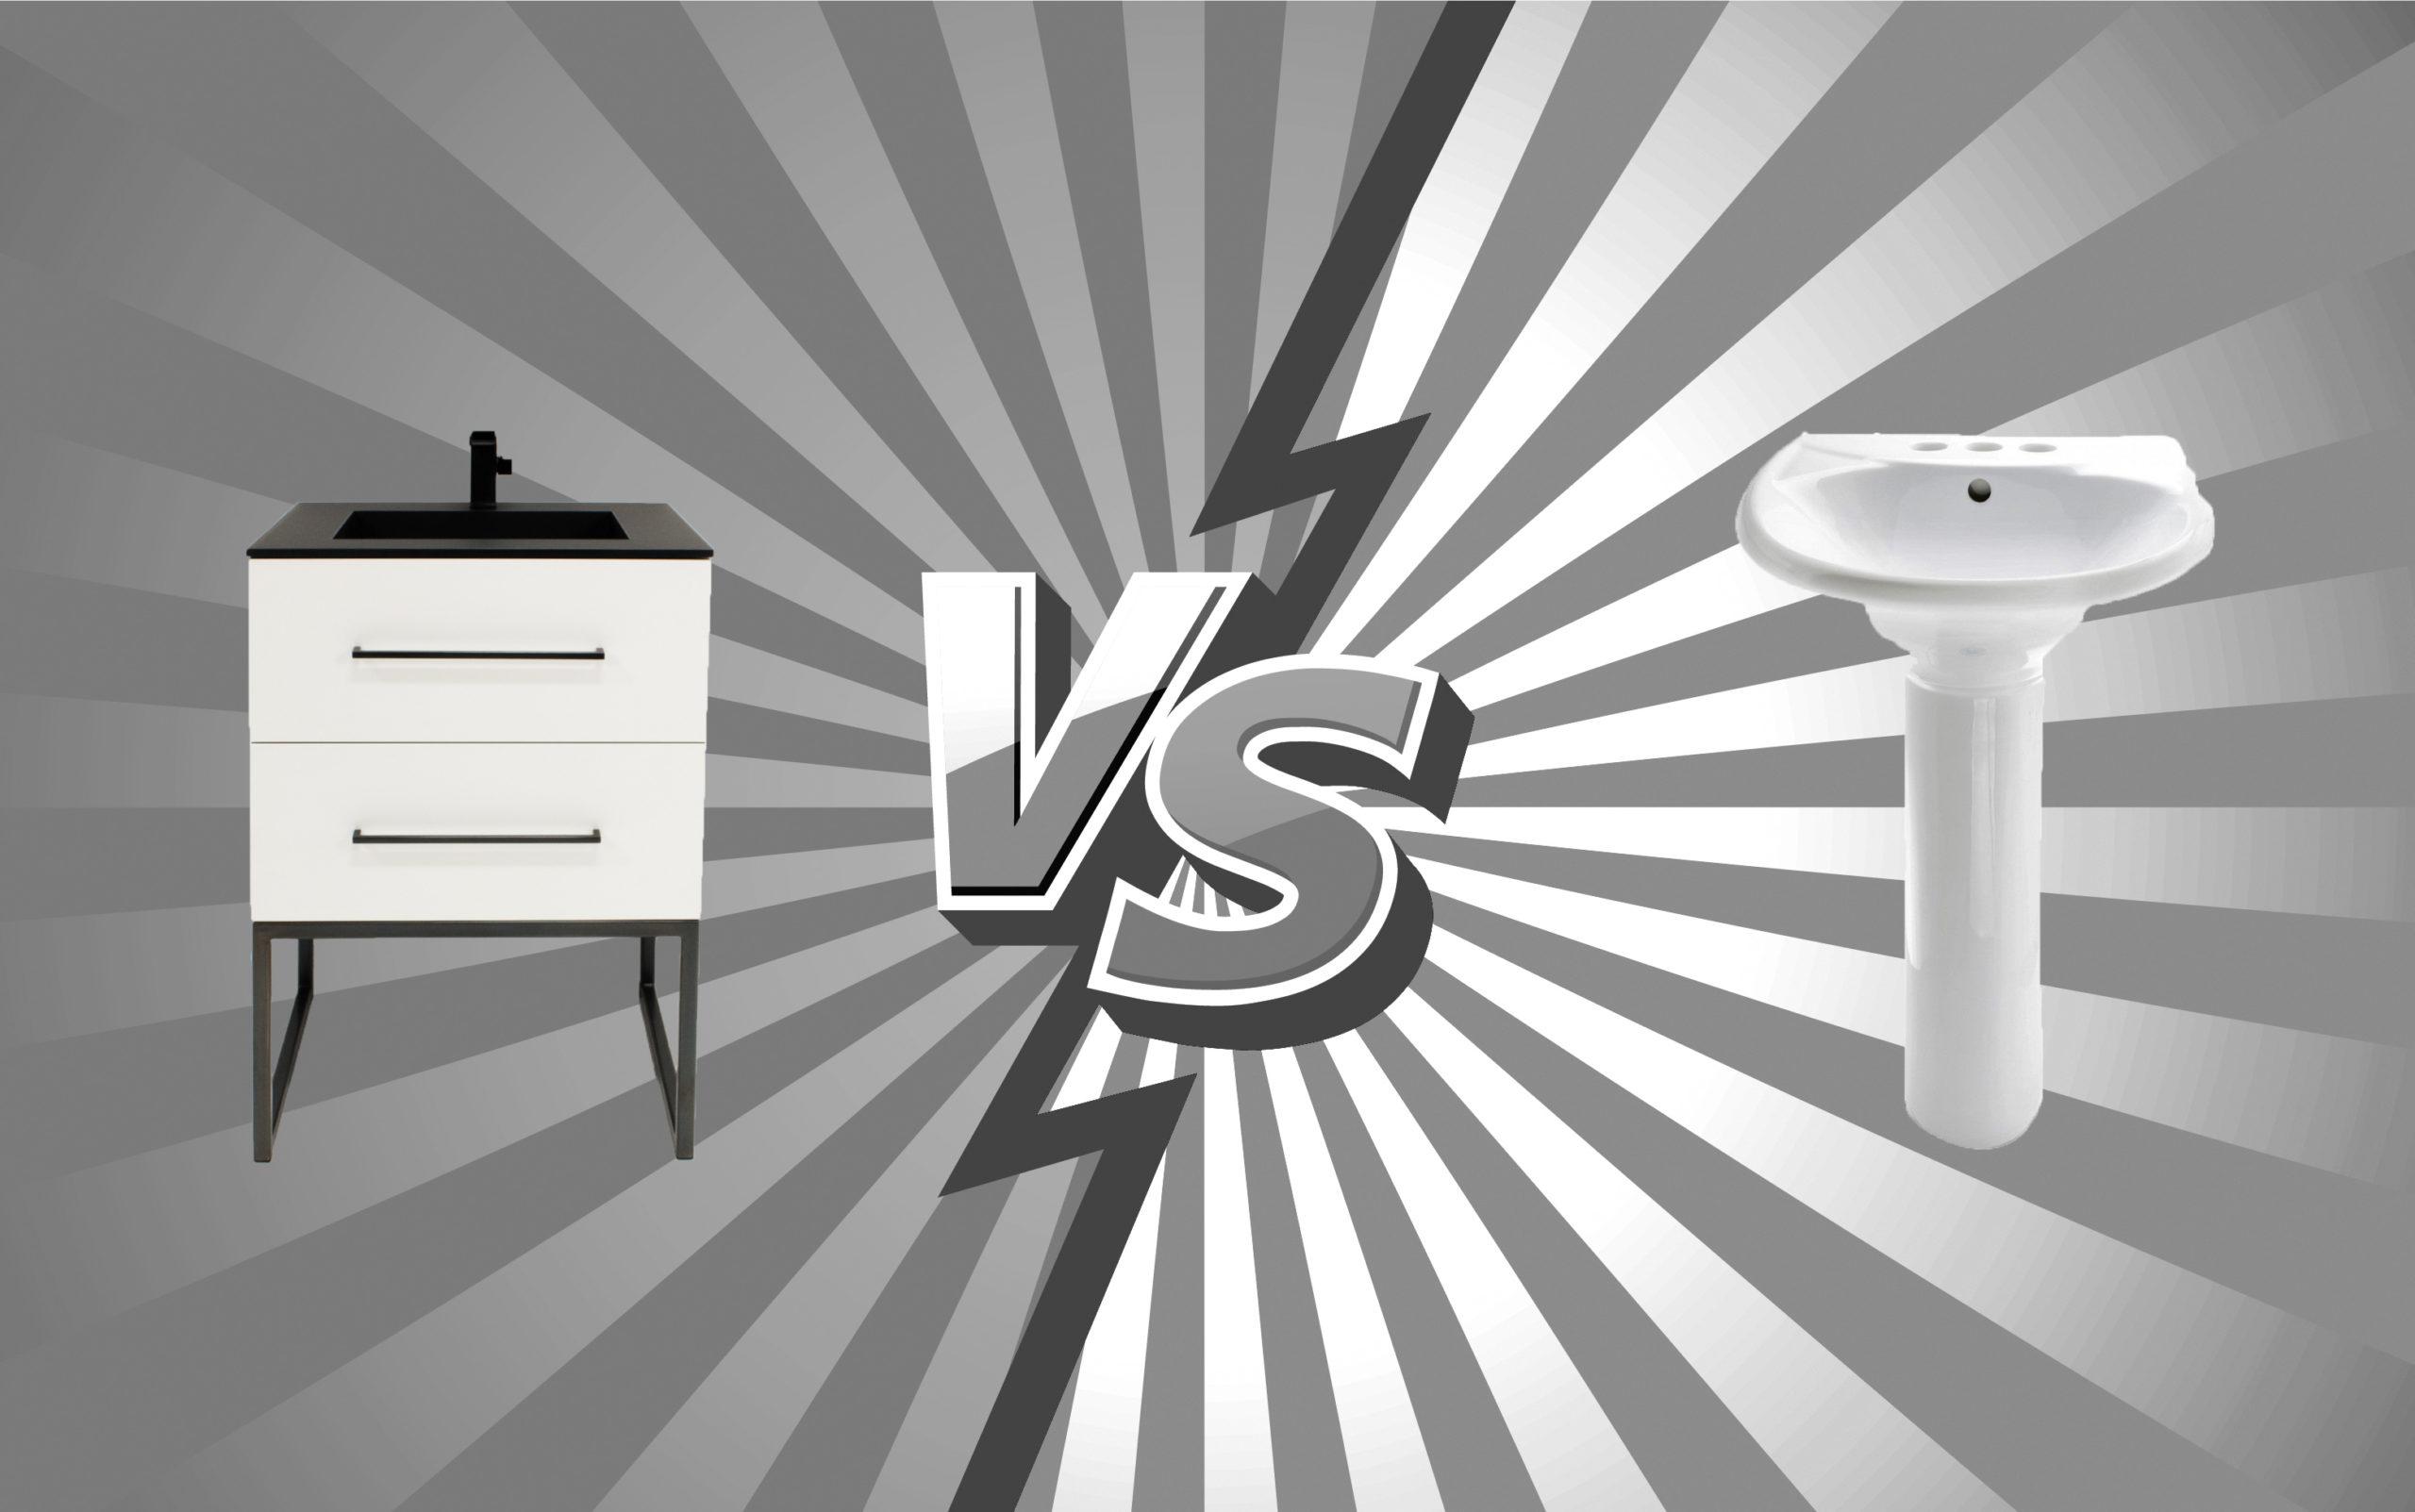 Vanity vs Pedestal Sink